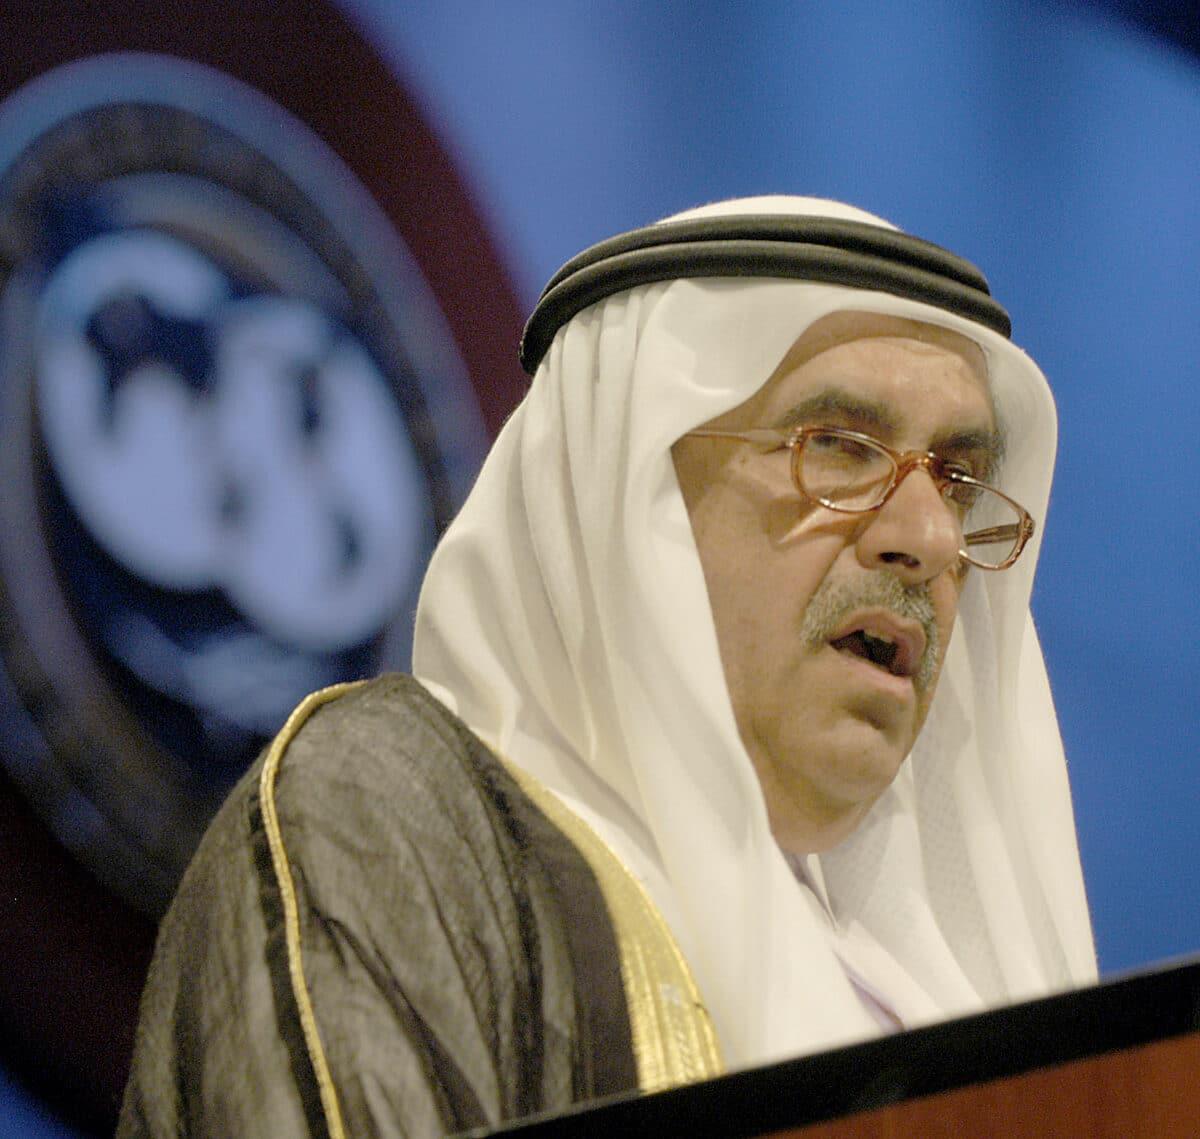 وفاة الشيخ حمدان بن راشد